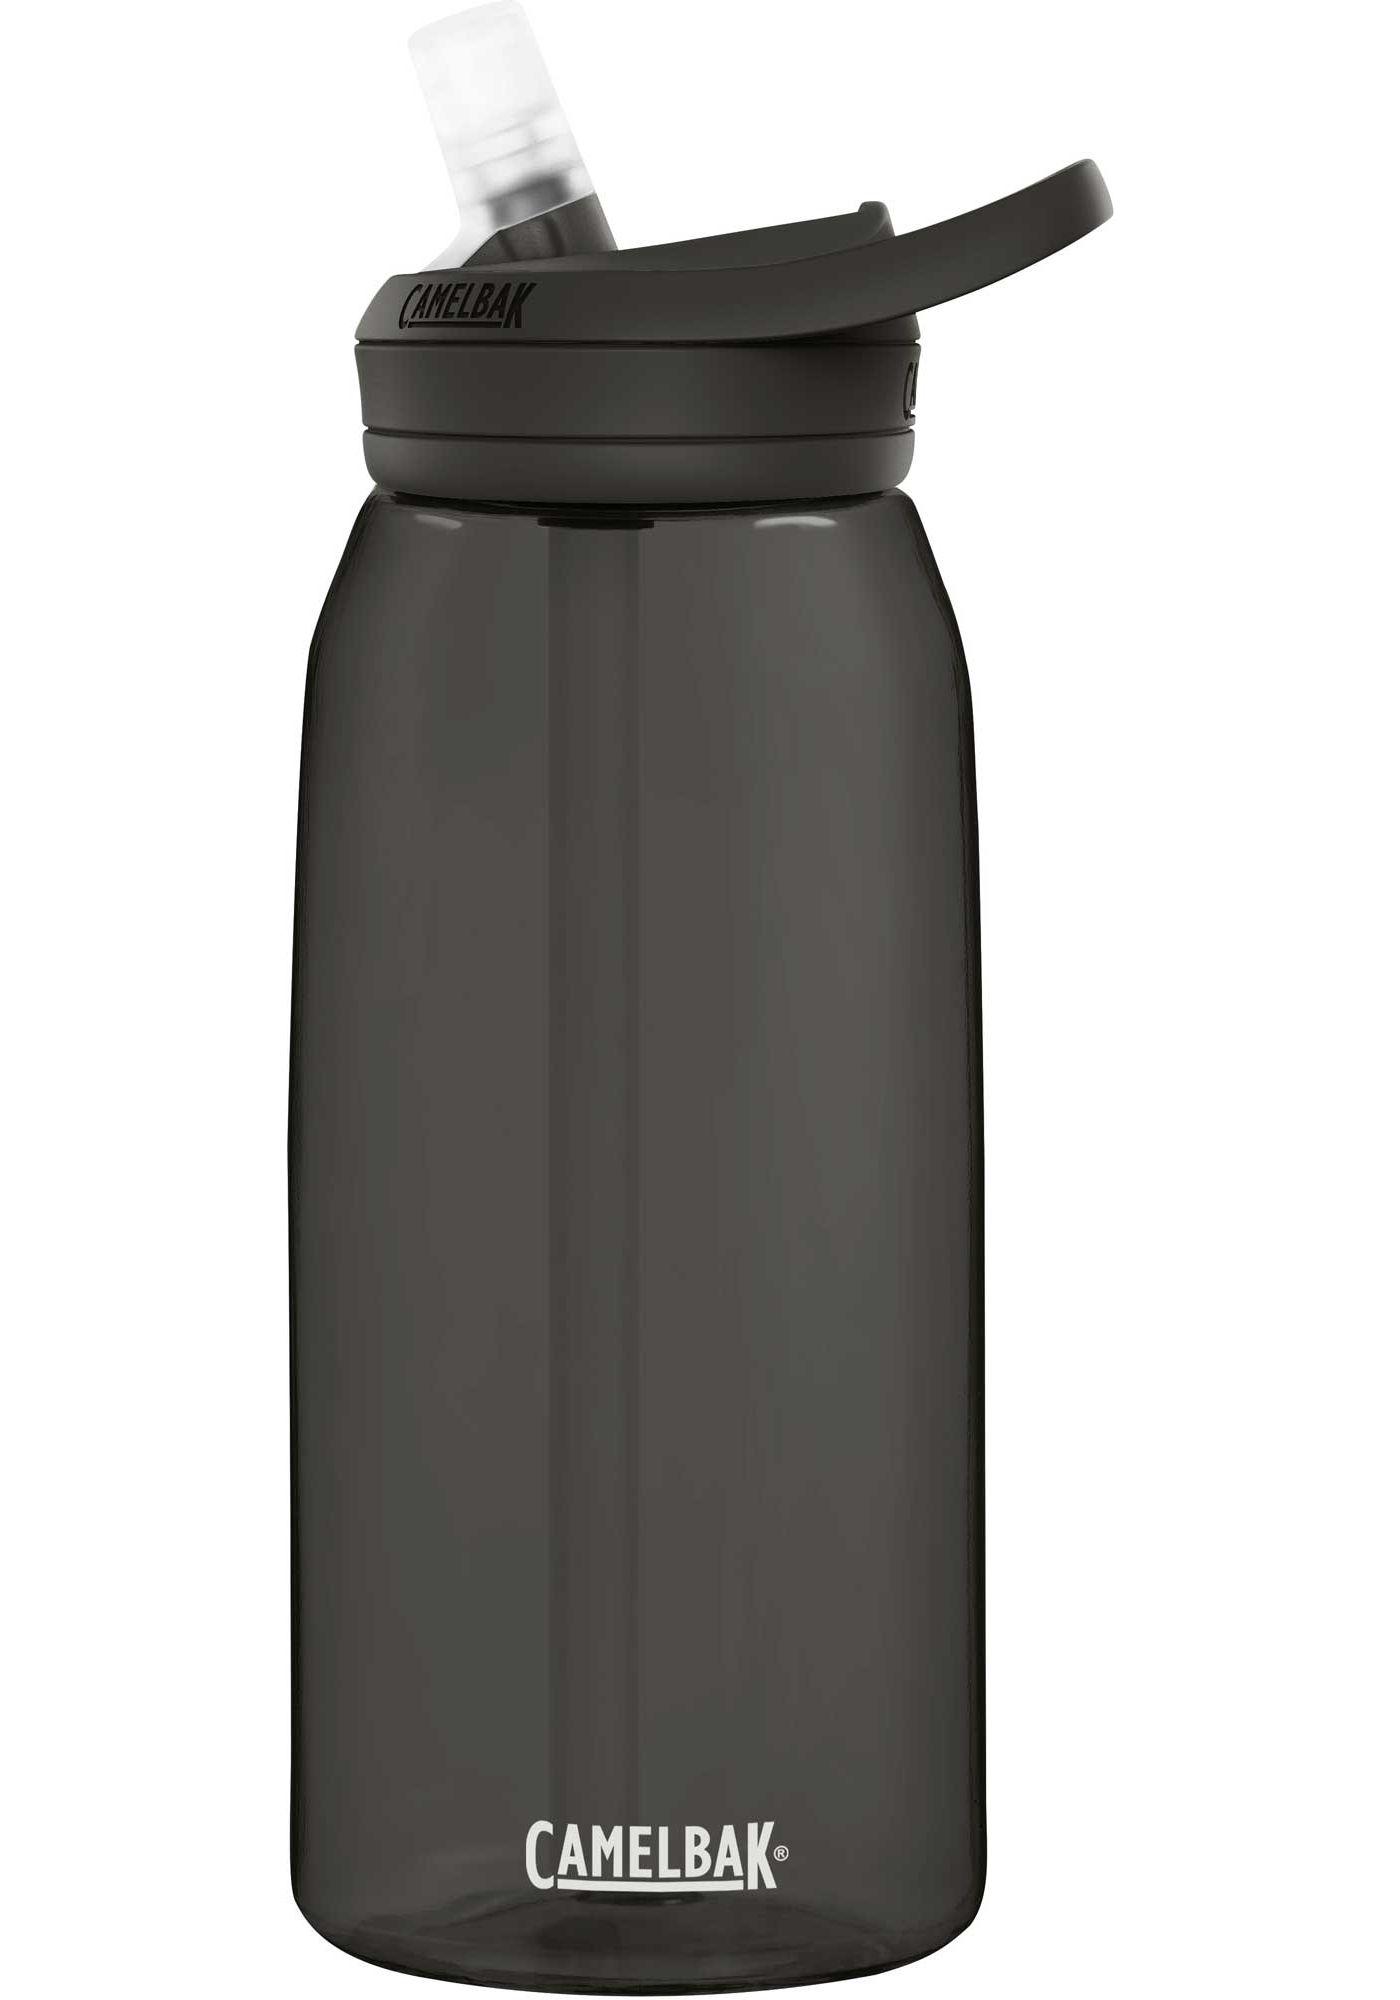 CamelBak Eddy+ 32 oz. Water Bottle